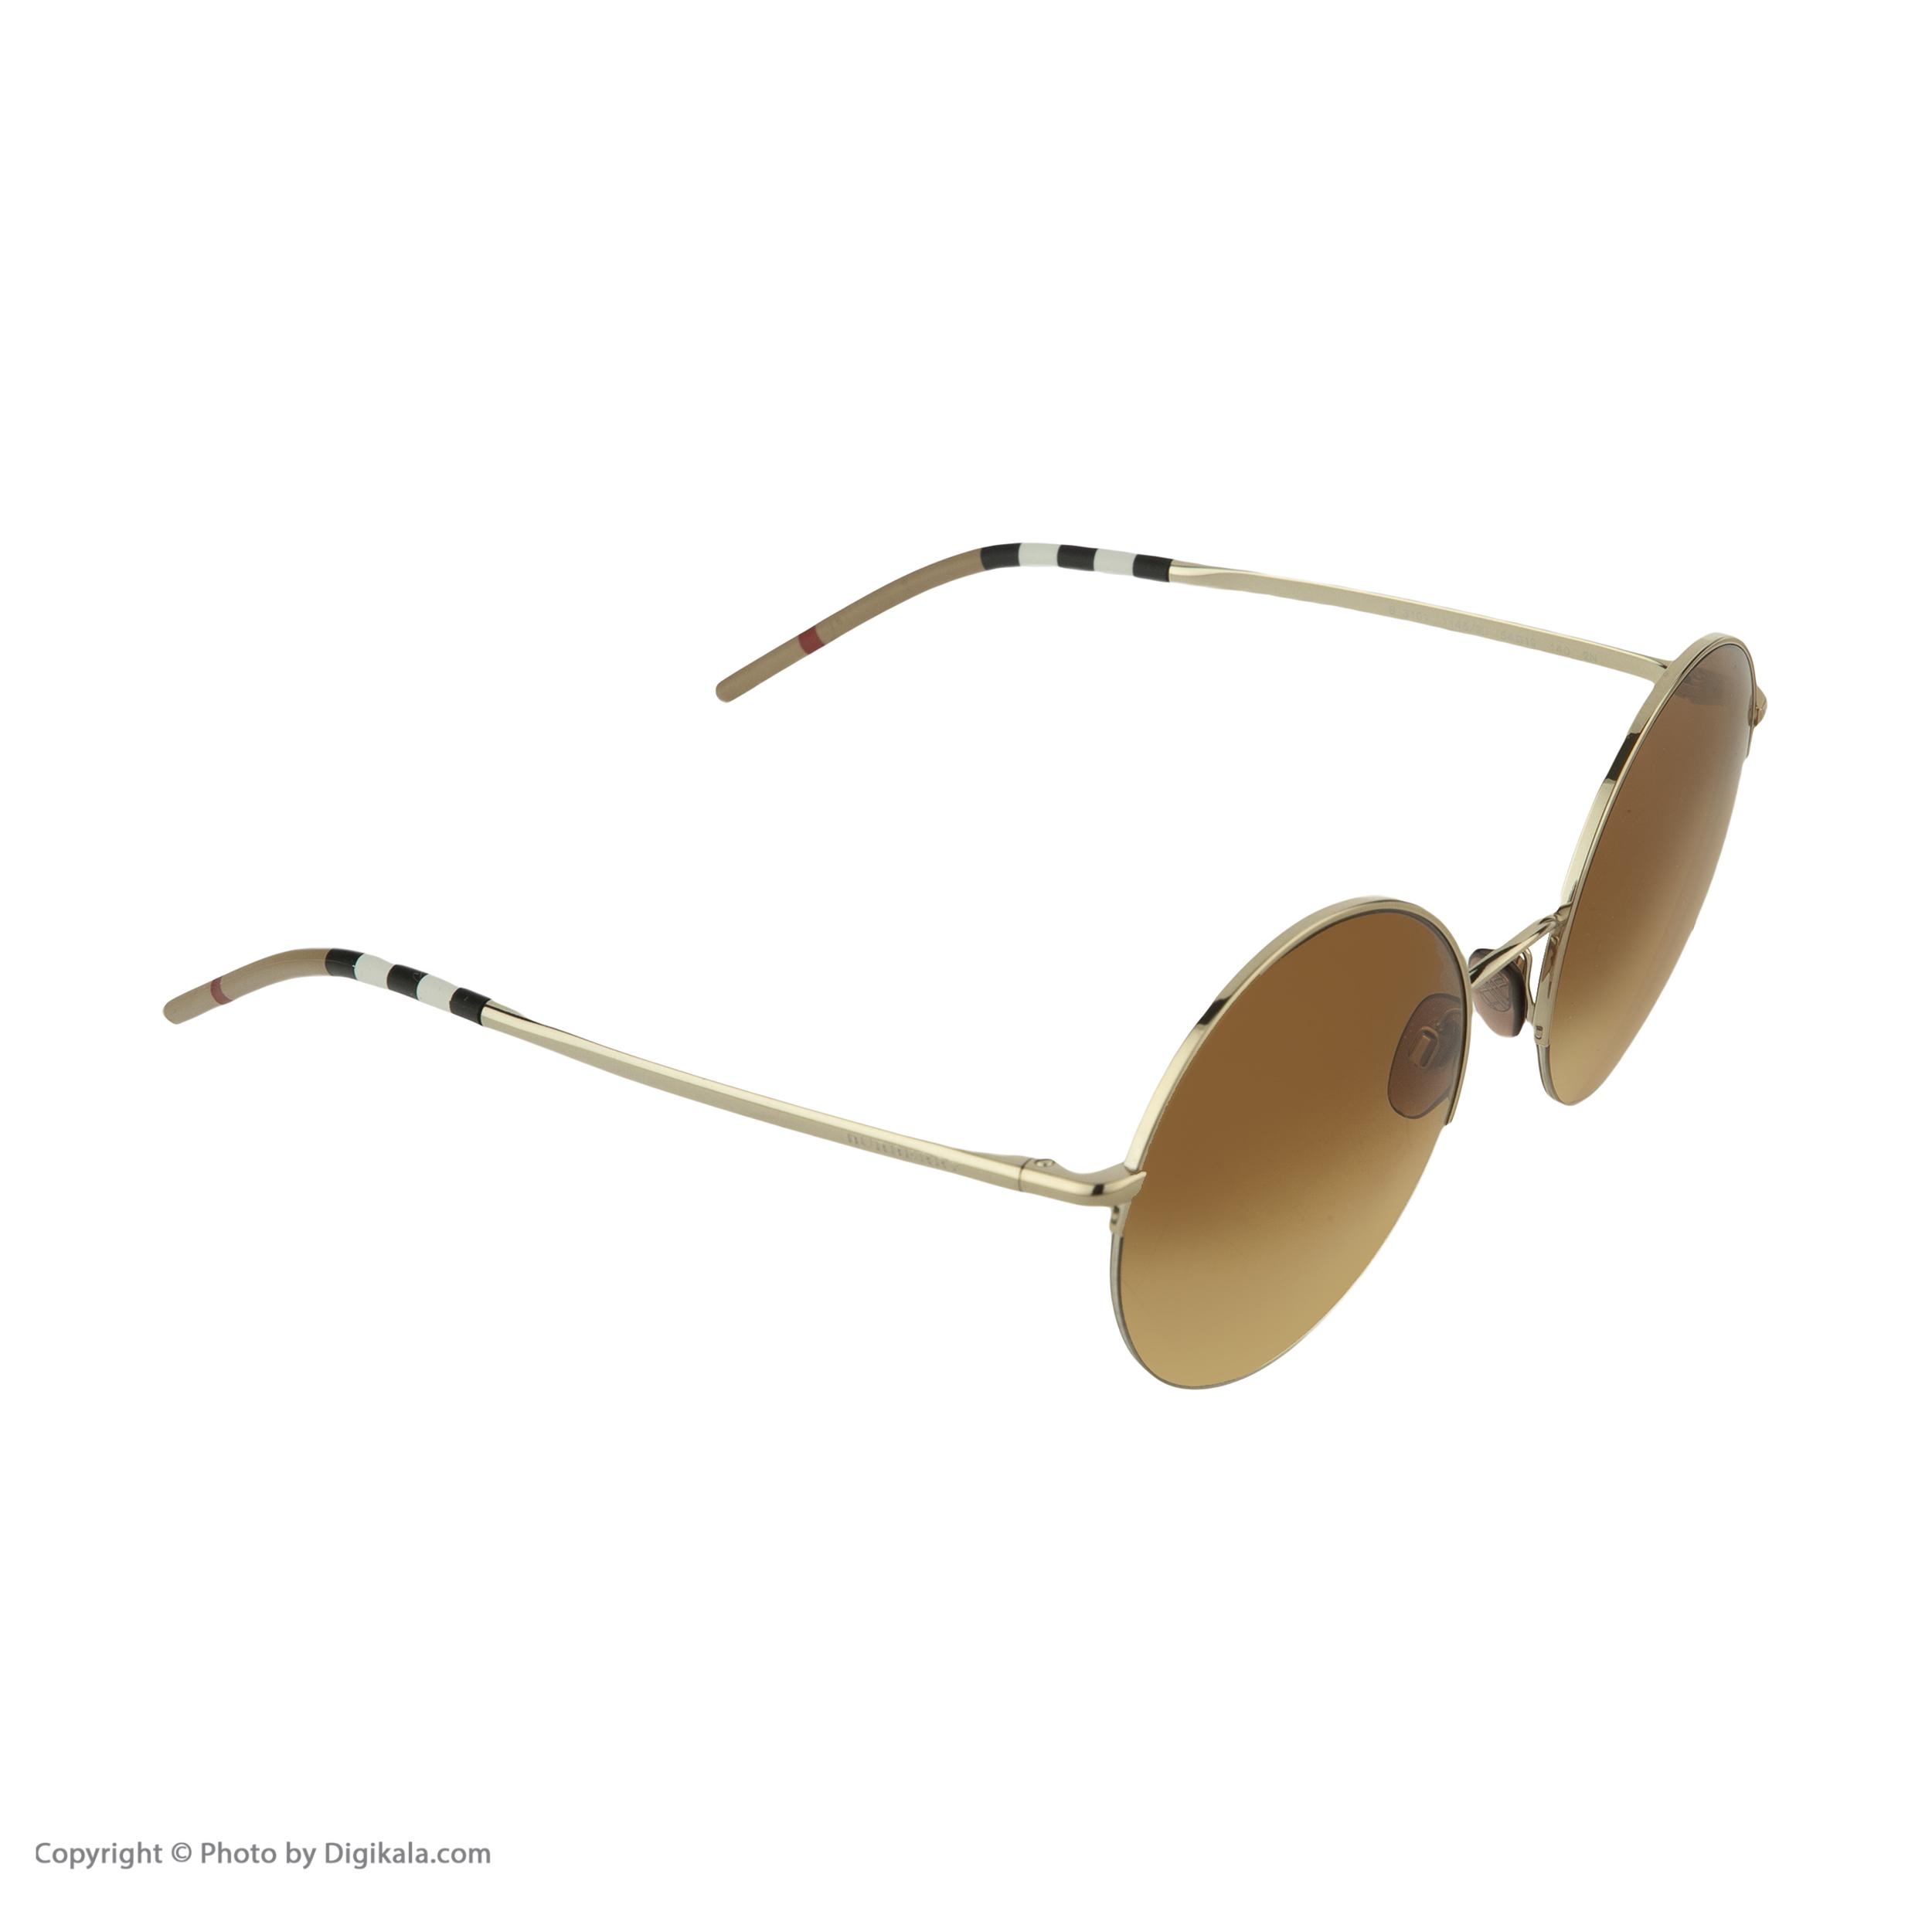 عینک آفتابی زنانه بربری مدل BE 3101S 11452L 54 -  - 4